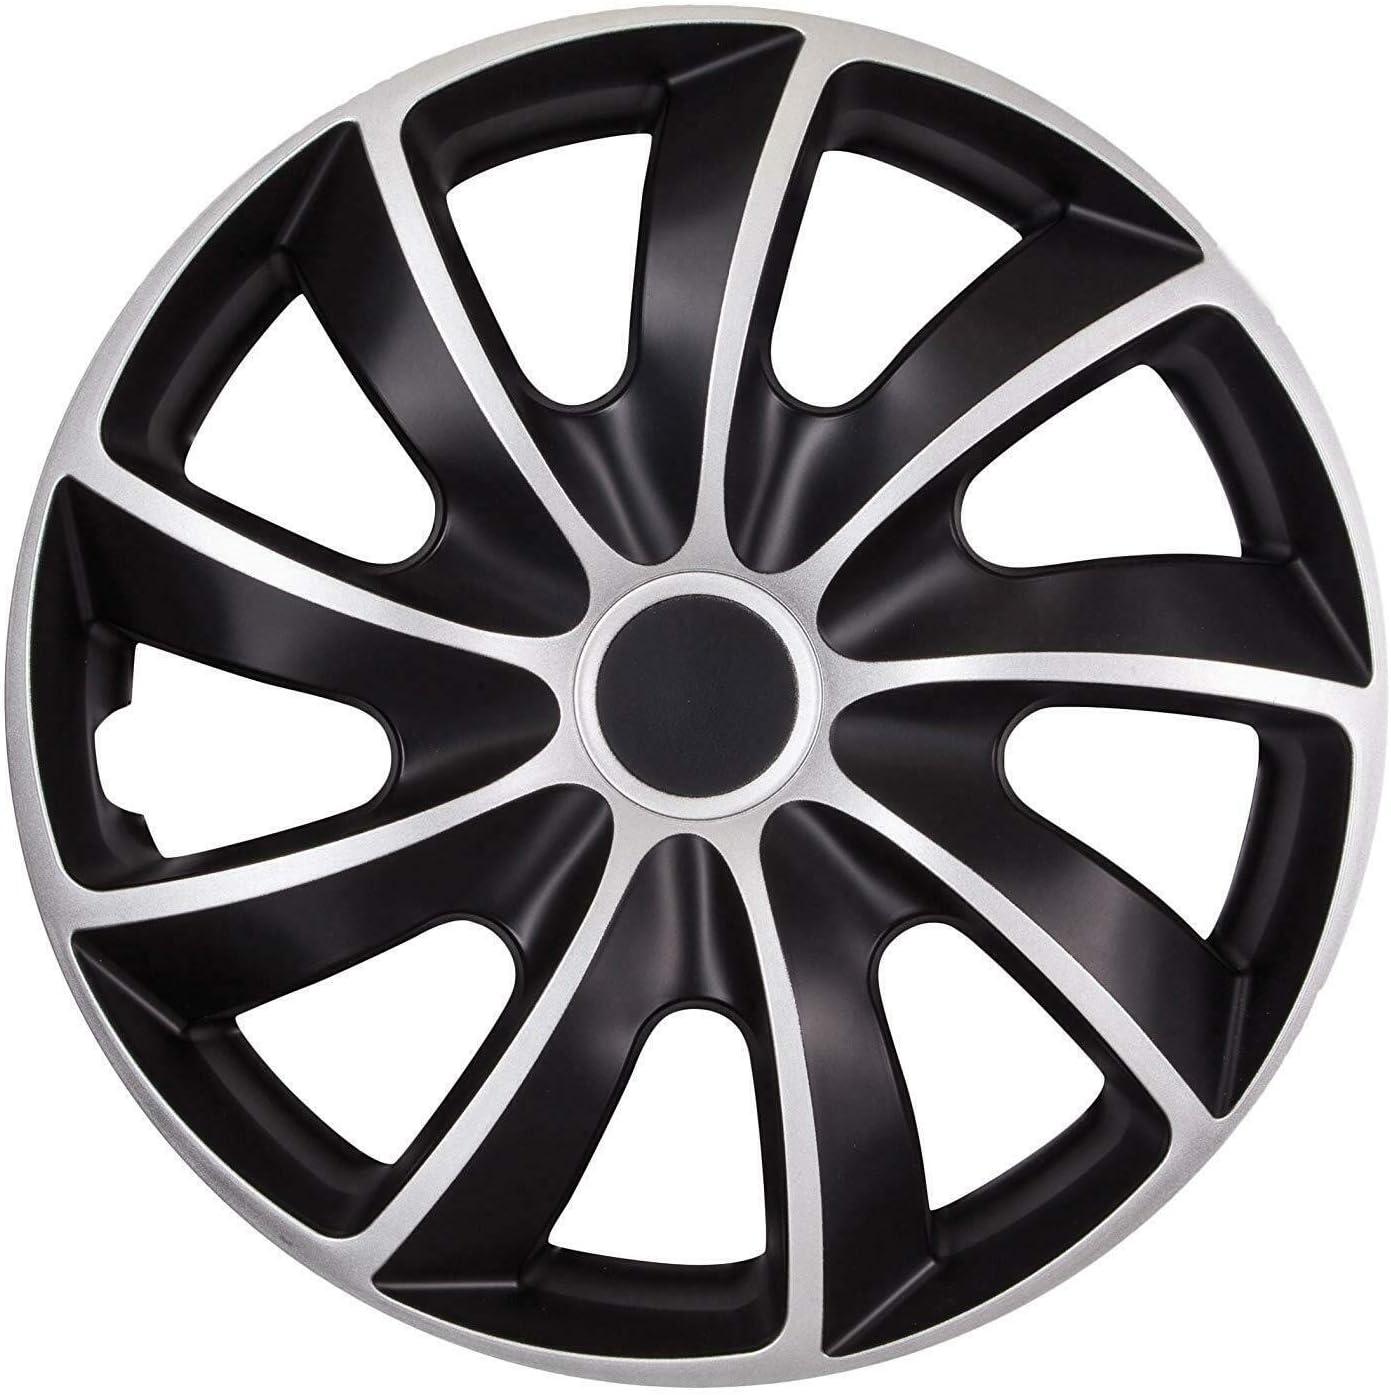 Tapacubos para llantas de acero OptimumParts24 84DP 15 pulgadas color plateado y negro